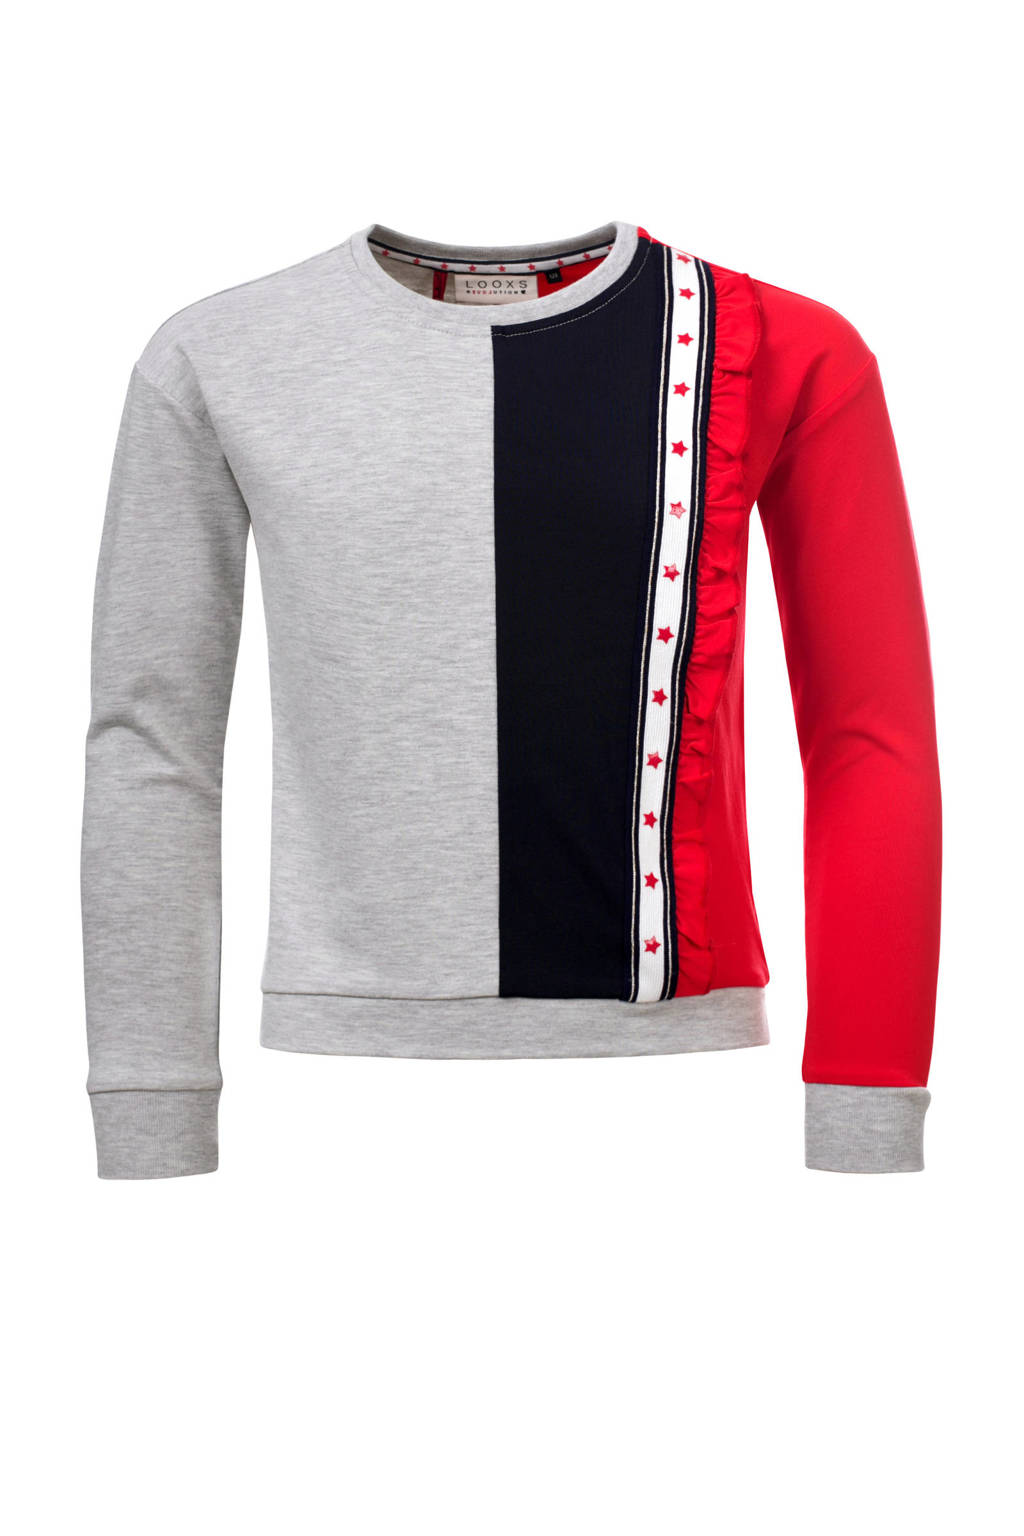 LOOXS sweater met bies, Grijs melange/rood/blauw